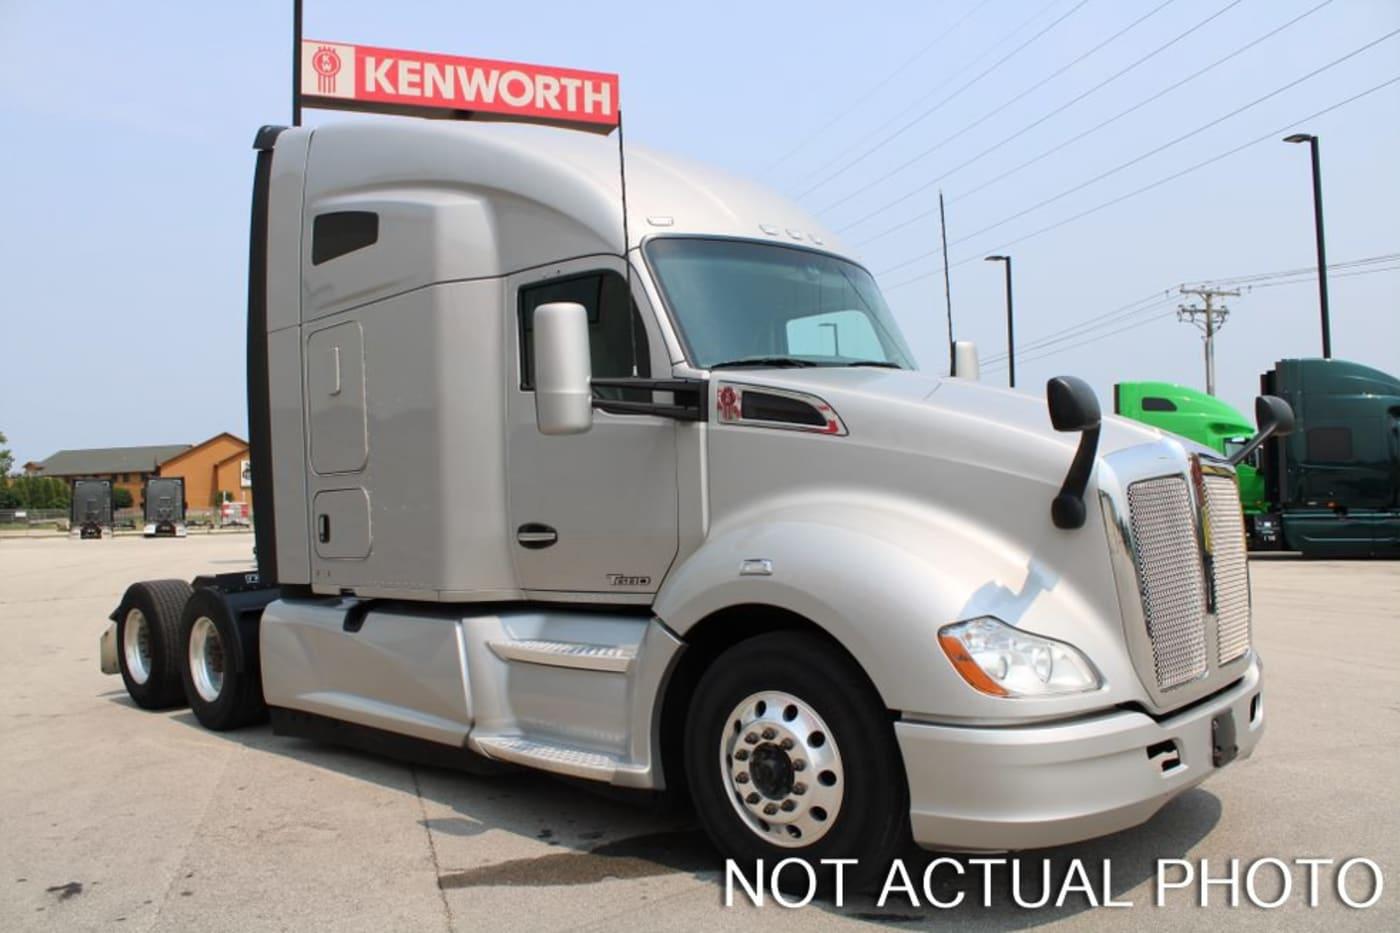 2019 Kenworth T680 UKJ255263 full